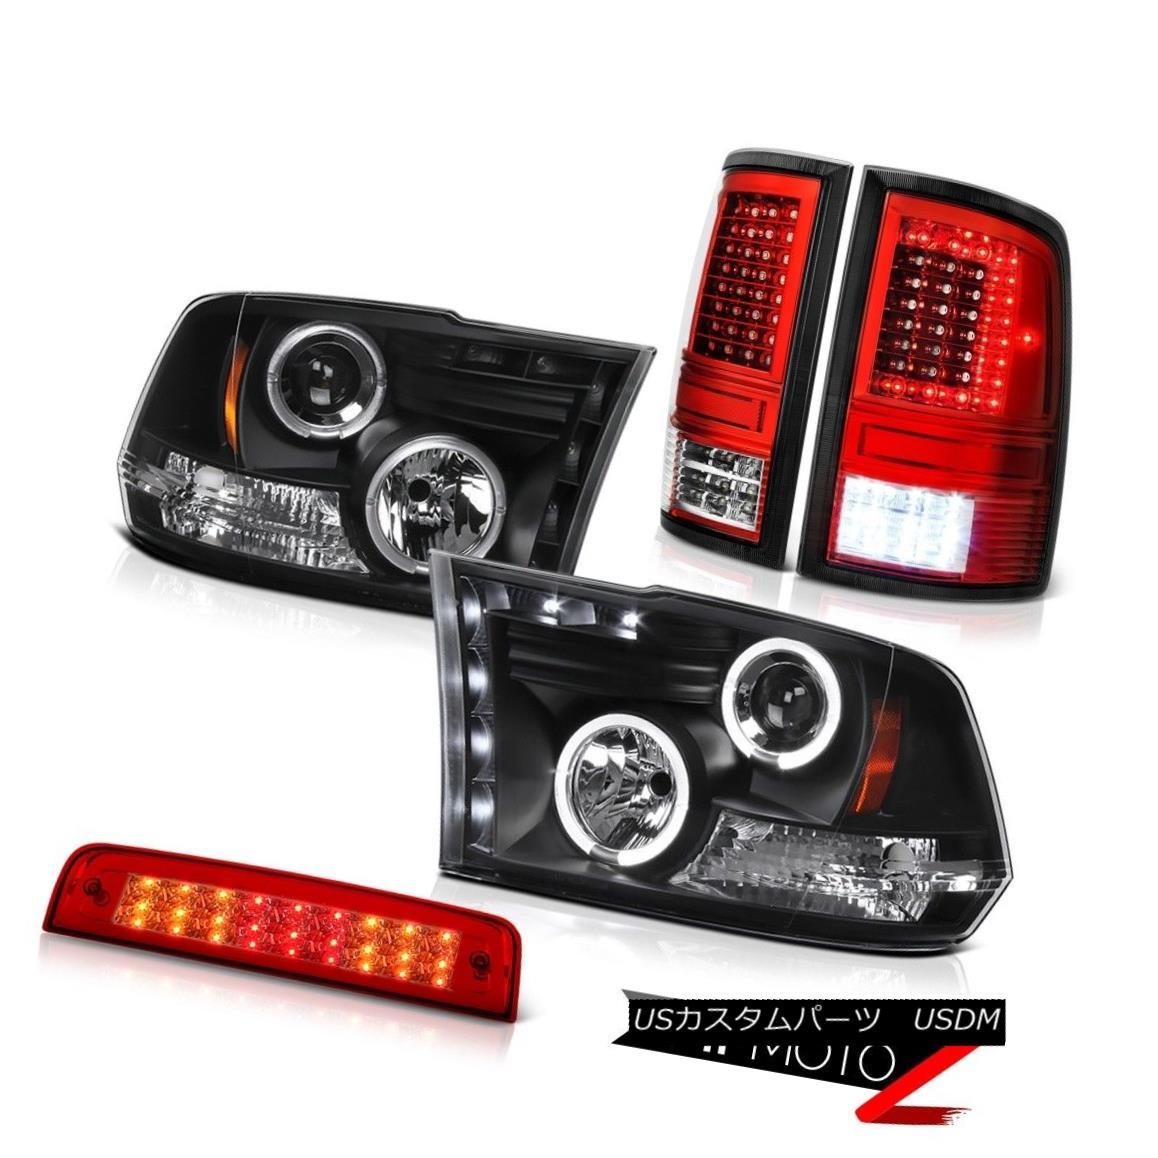 テールライト 09 10 11-18 Dodge RAM 3500 Red Tail Lamp 3rd Brake Light Projector Head Assembly 09 10 11-18ダッジRAM 3500レッドテールランプ第3ブレーキライトプロジェクターヘッドアセンブリ